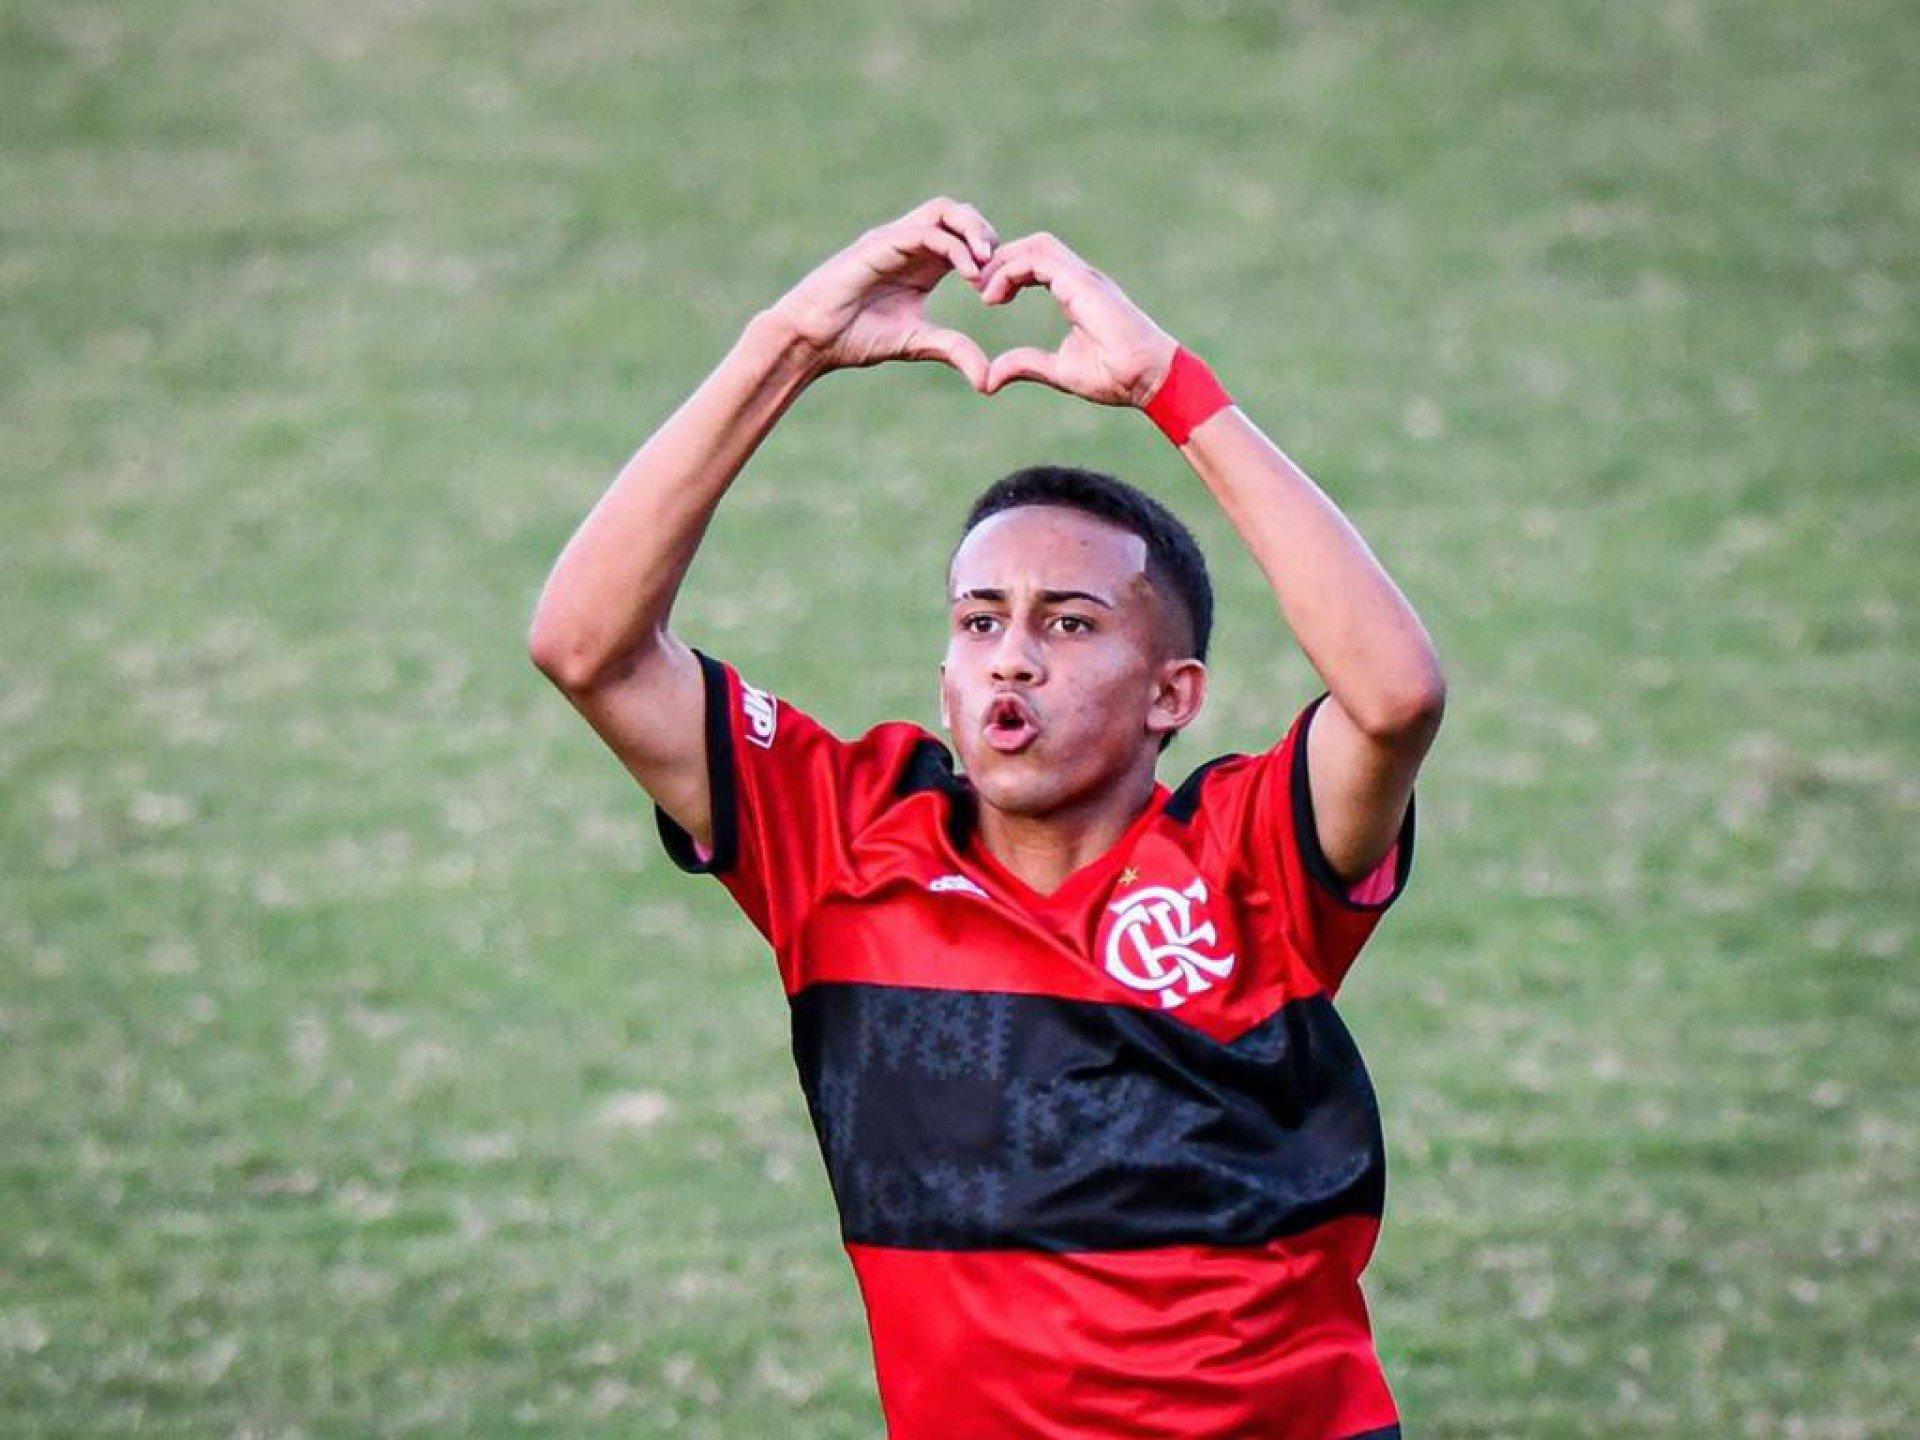 Joia do Flamengo alfineta Palmeiras: 'Não tem Mundial, apanha na base e no profissional'